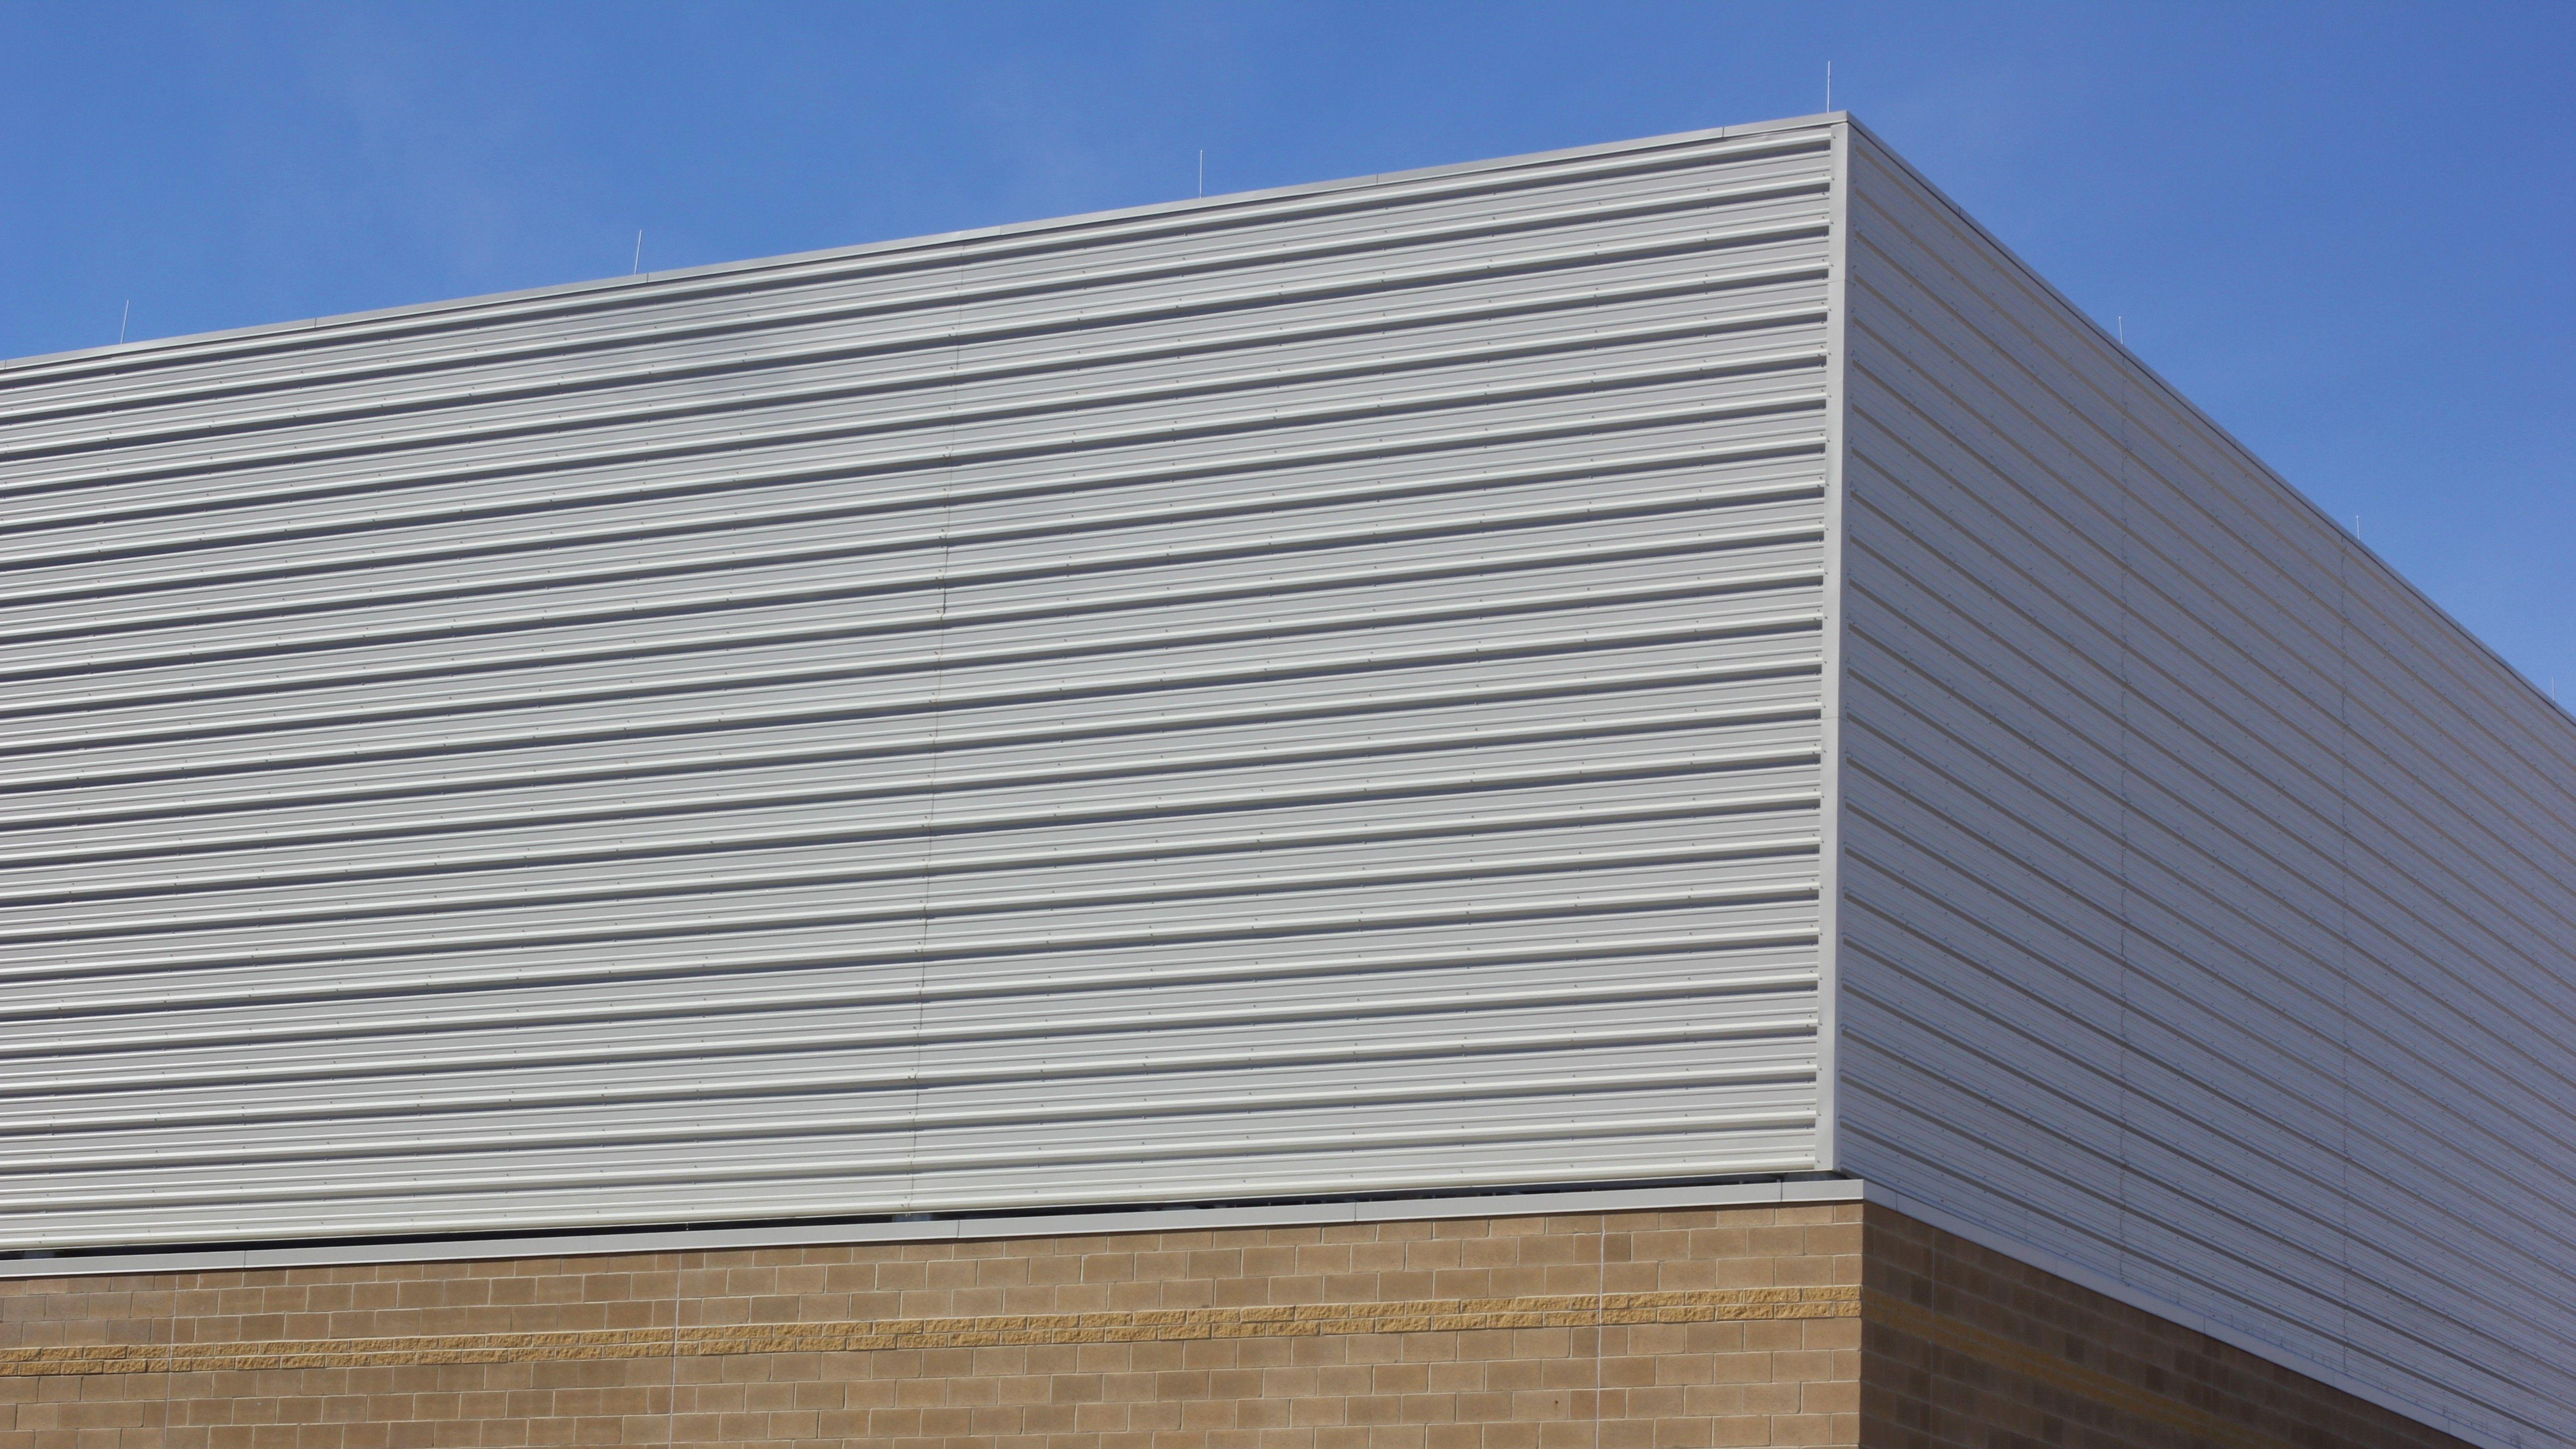 R Panel Wprp Metal Wall Exposed Fastener Dimensional